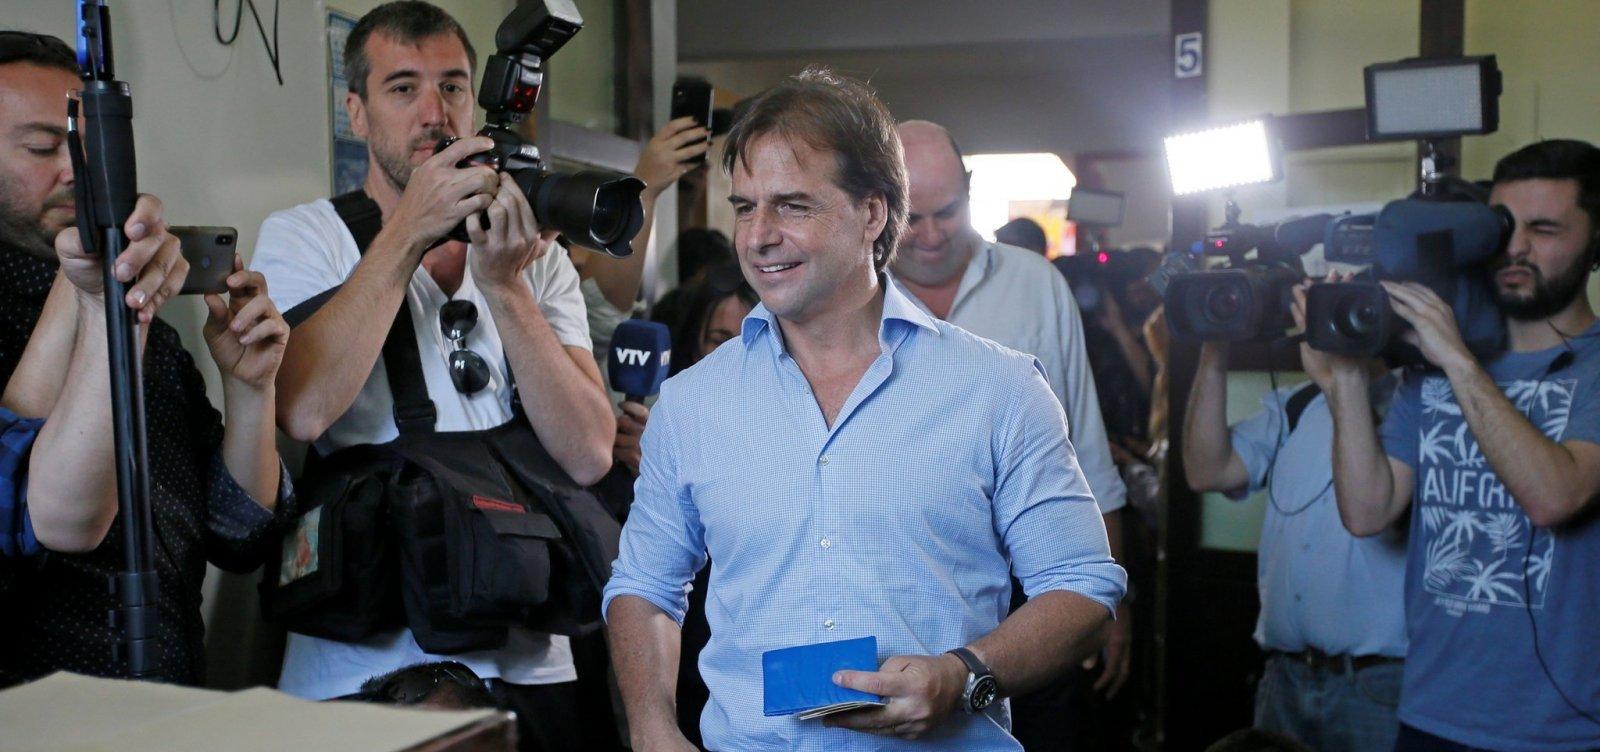 Com votação acirrada, Corte Eleitoral do Uruguai adia anúncio denovo presidente